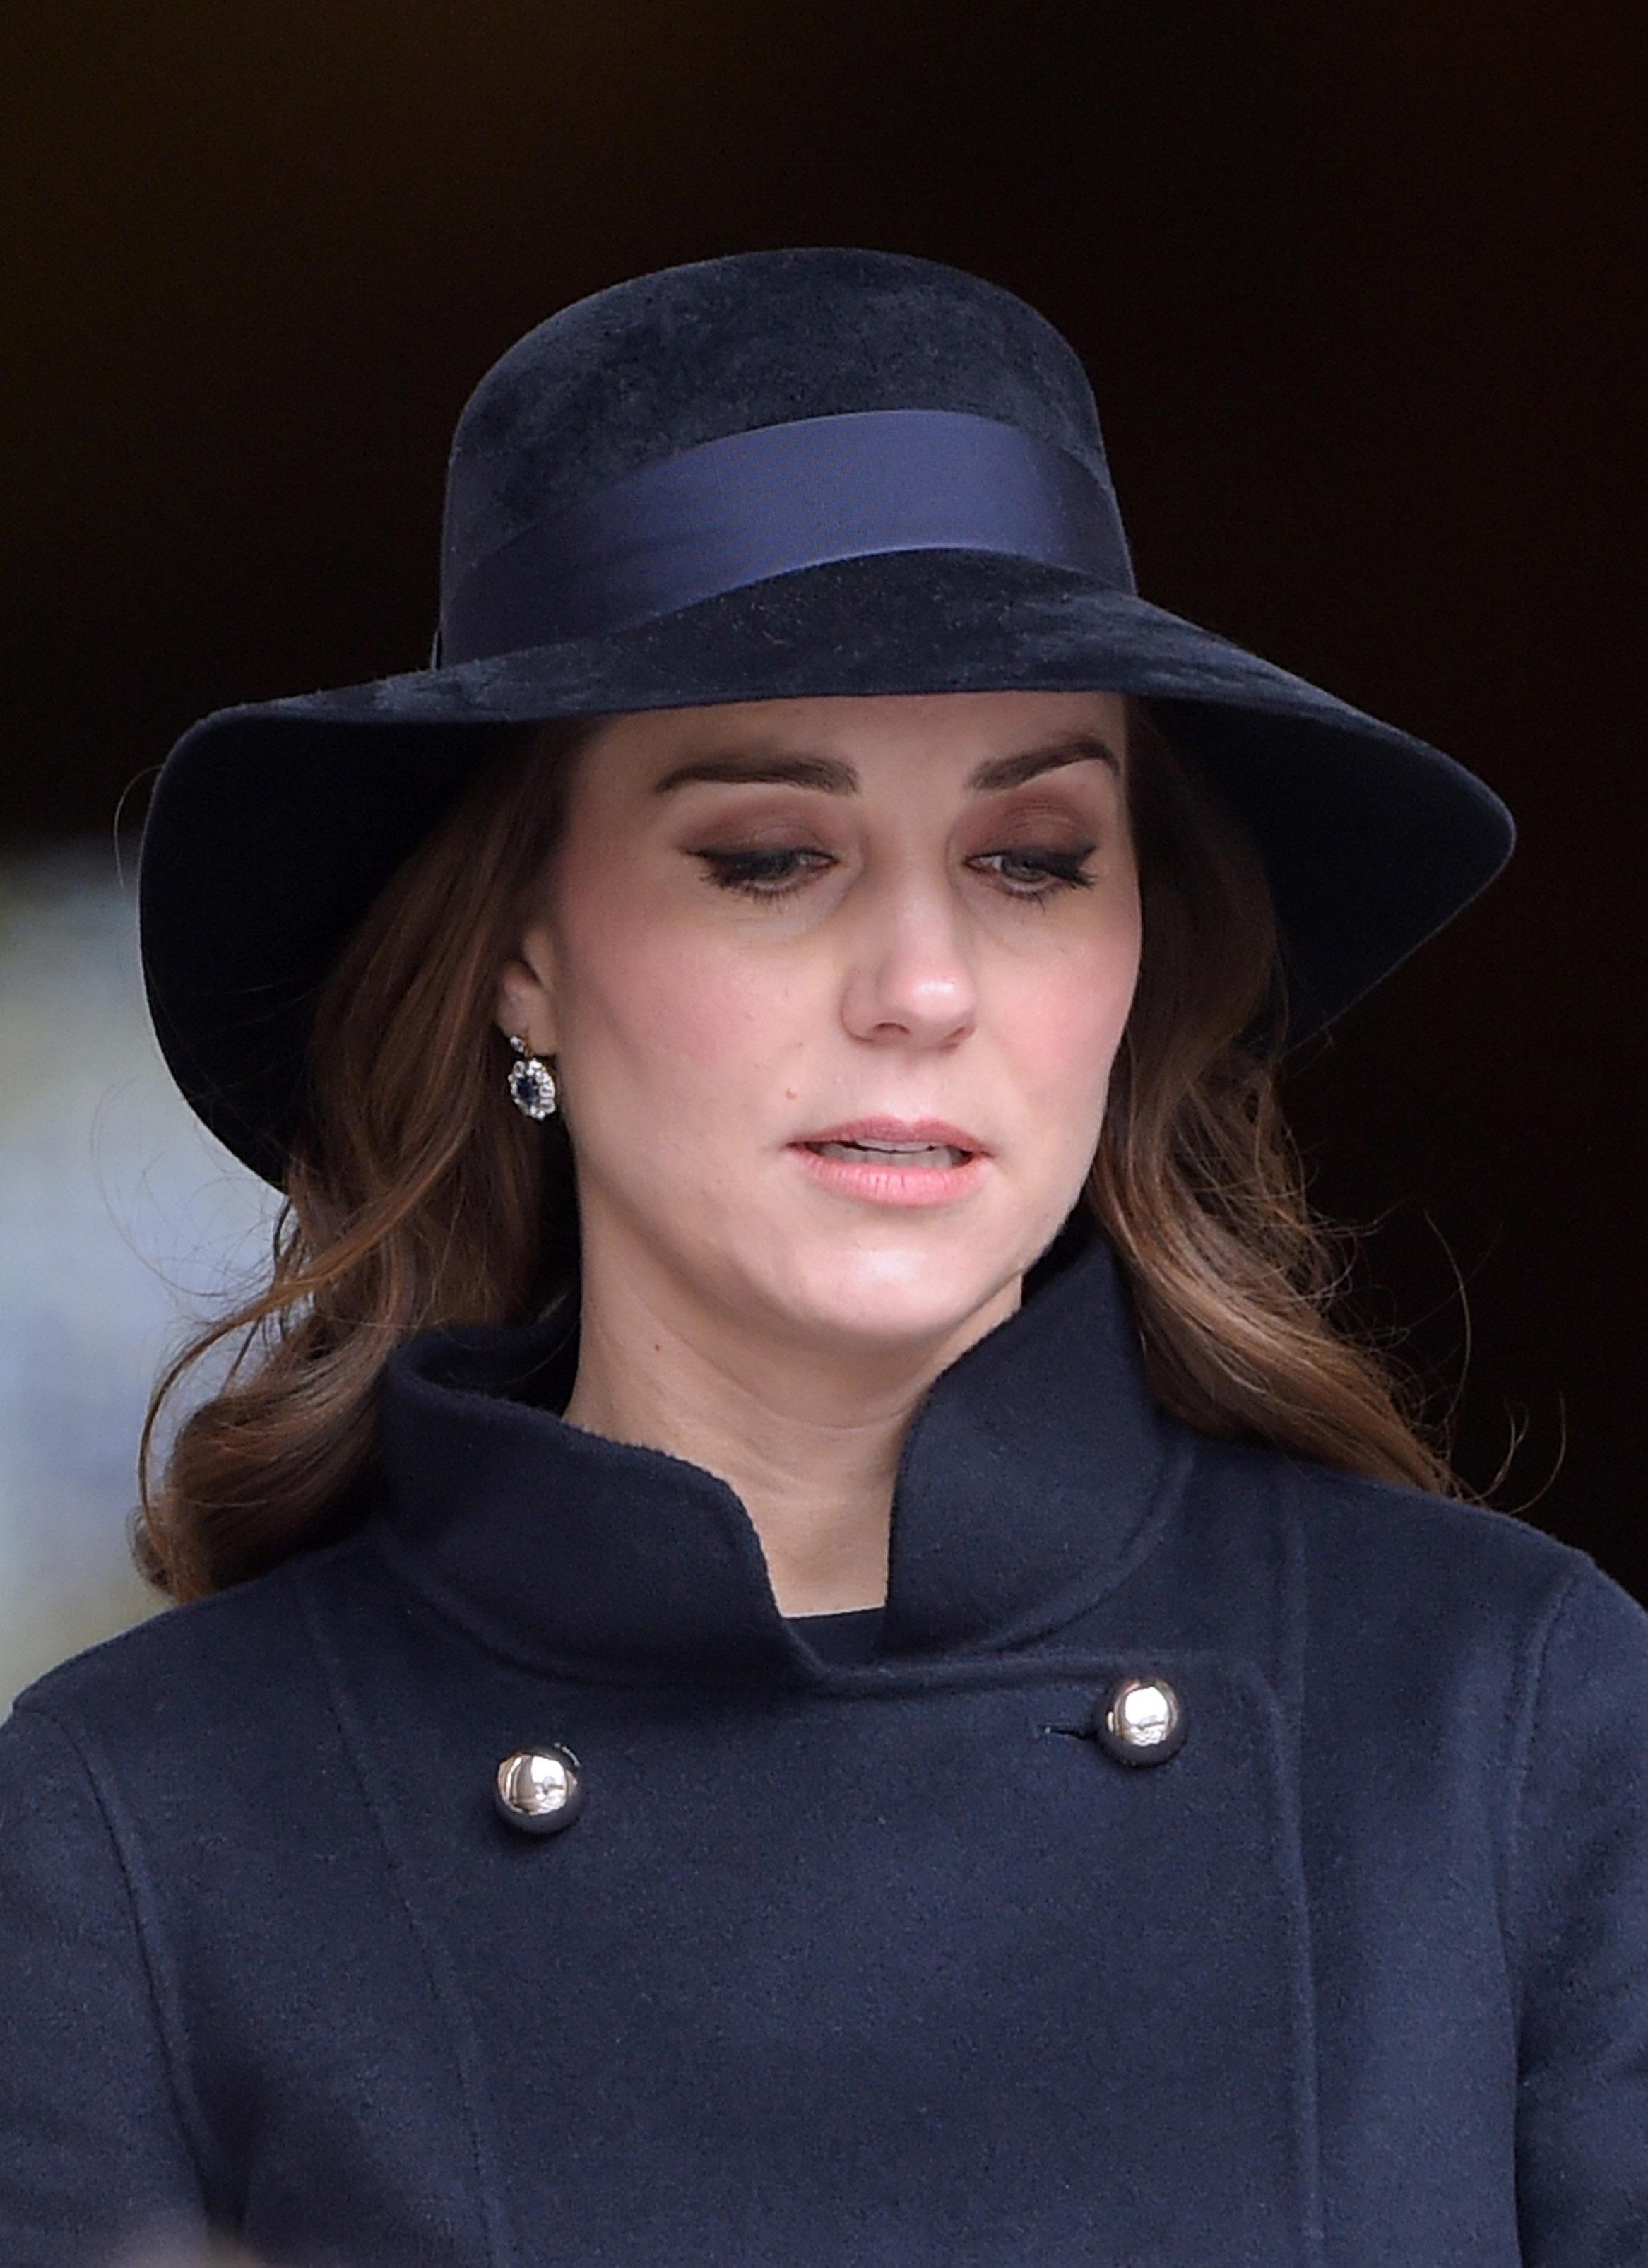 Tą TAJEMNICZĄ cechę miała księżna Diana, ma ją także Meghan i Kate